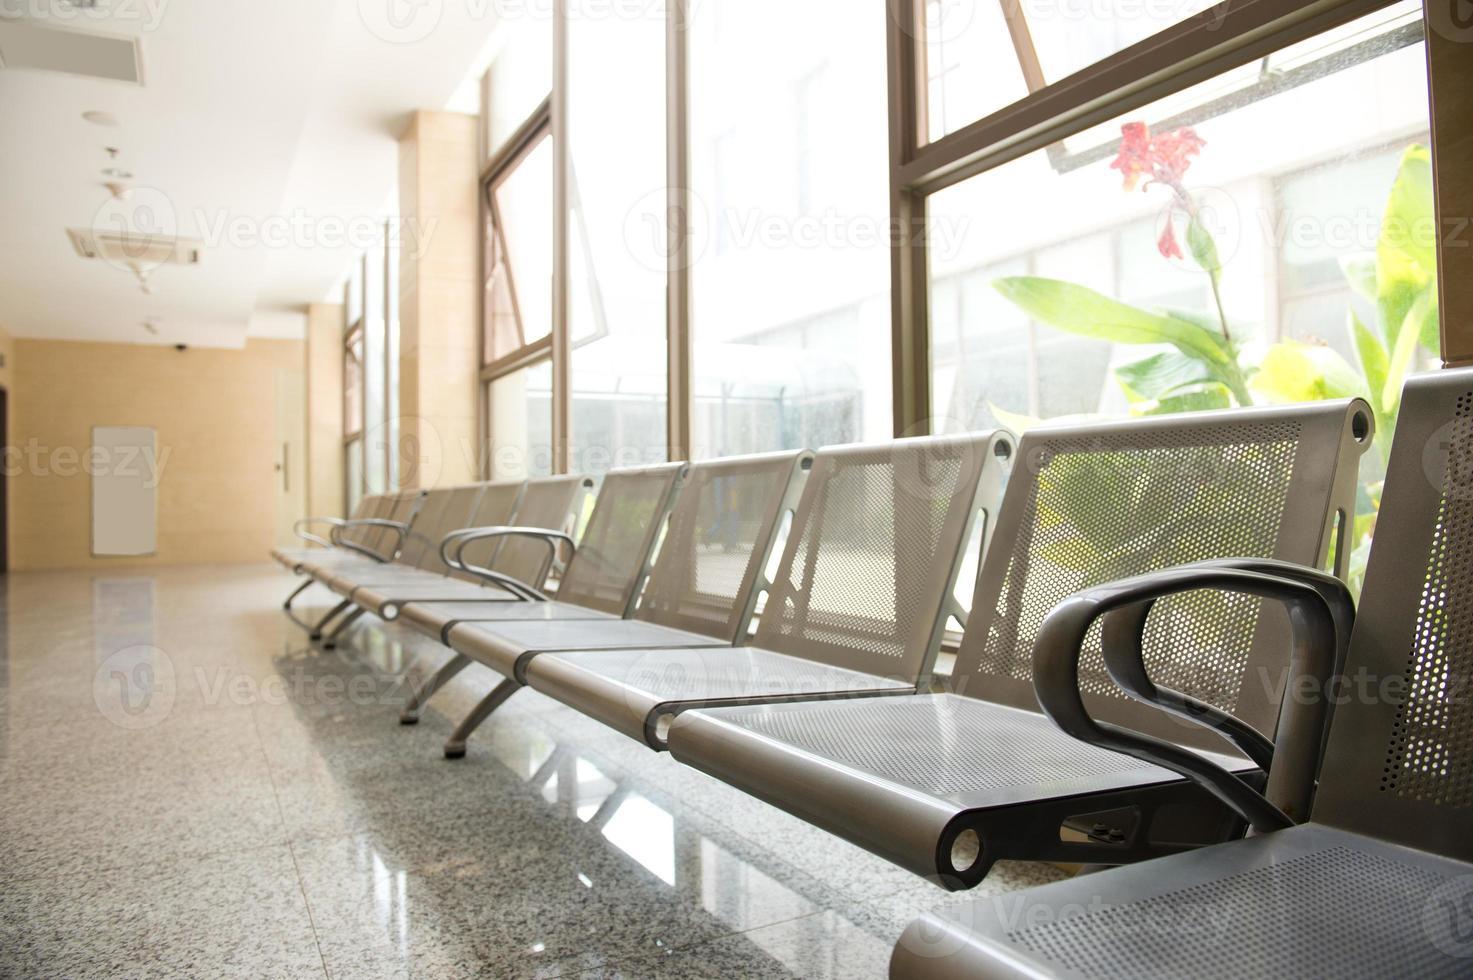 salle d'attente d'un hôpital avec chaises photo